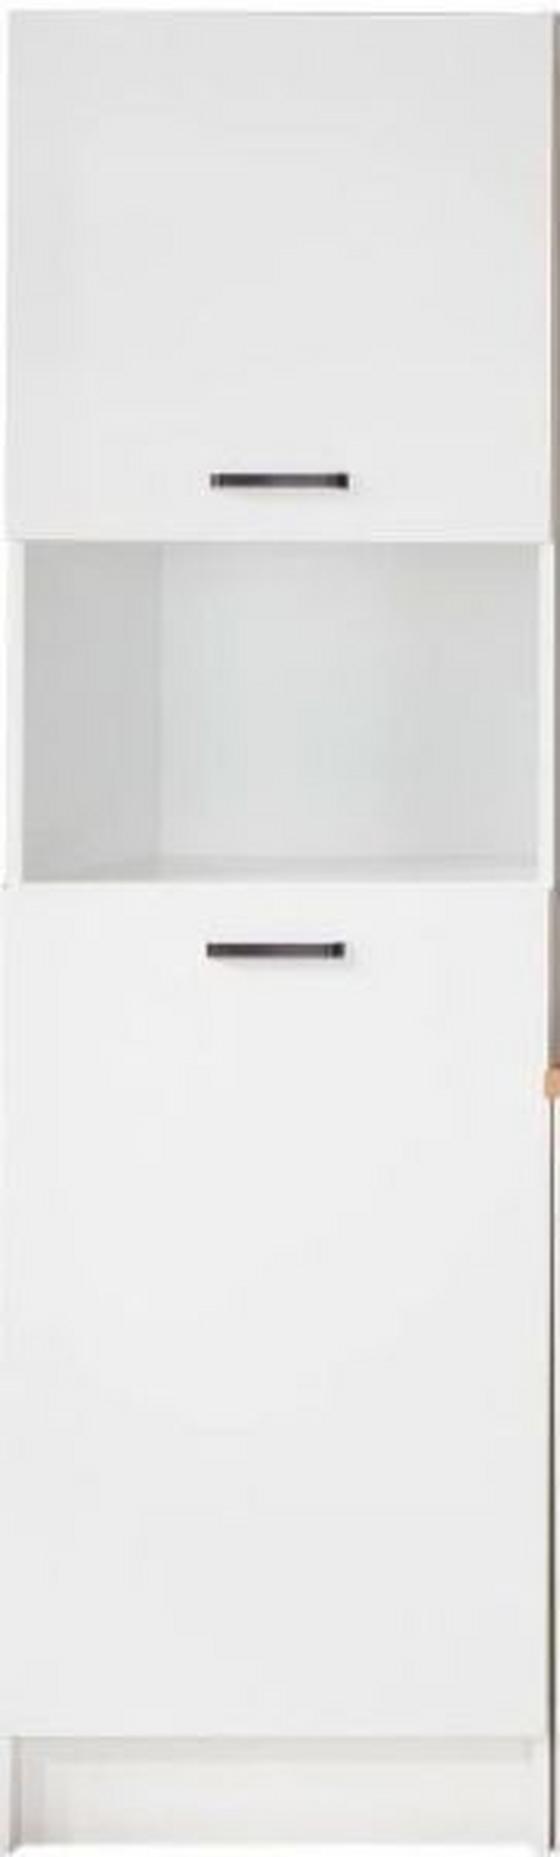 Geräteumbauschrank Prag - Weiß, KONVENTIONELL, Holzwerkstoff (60/200/60cm)